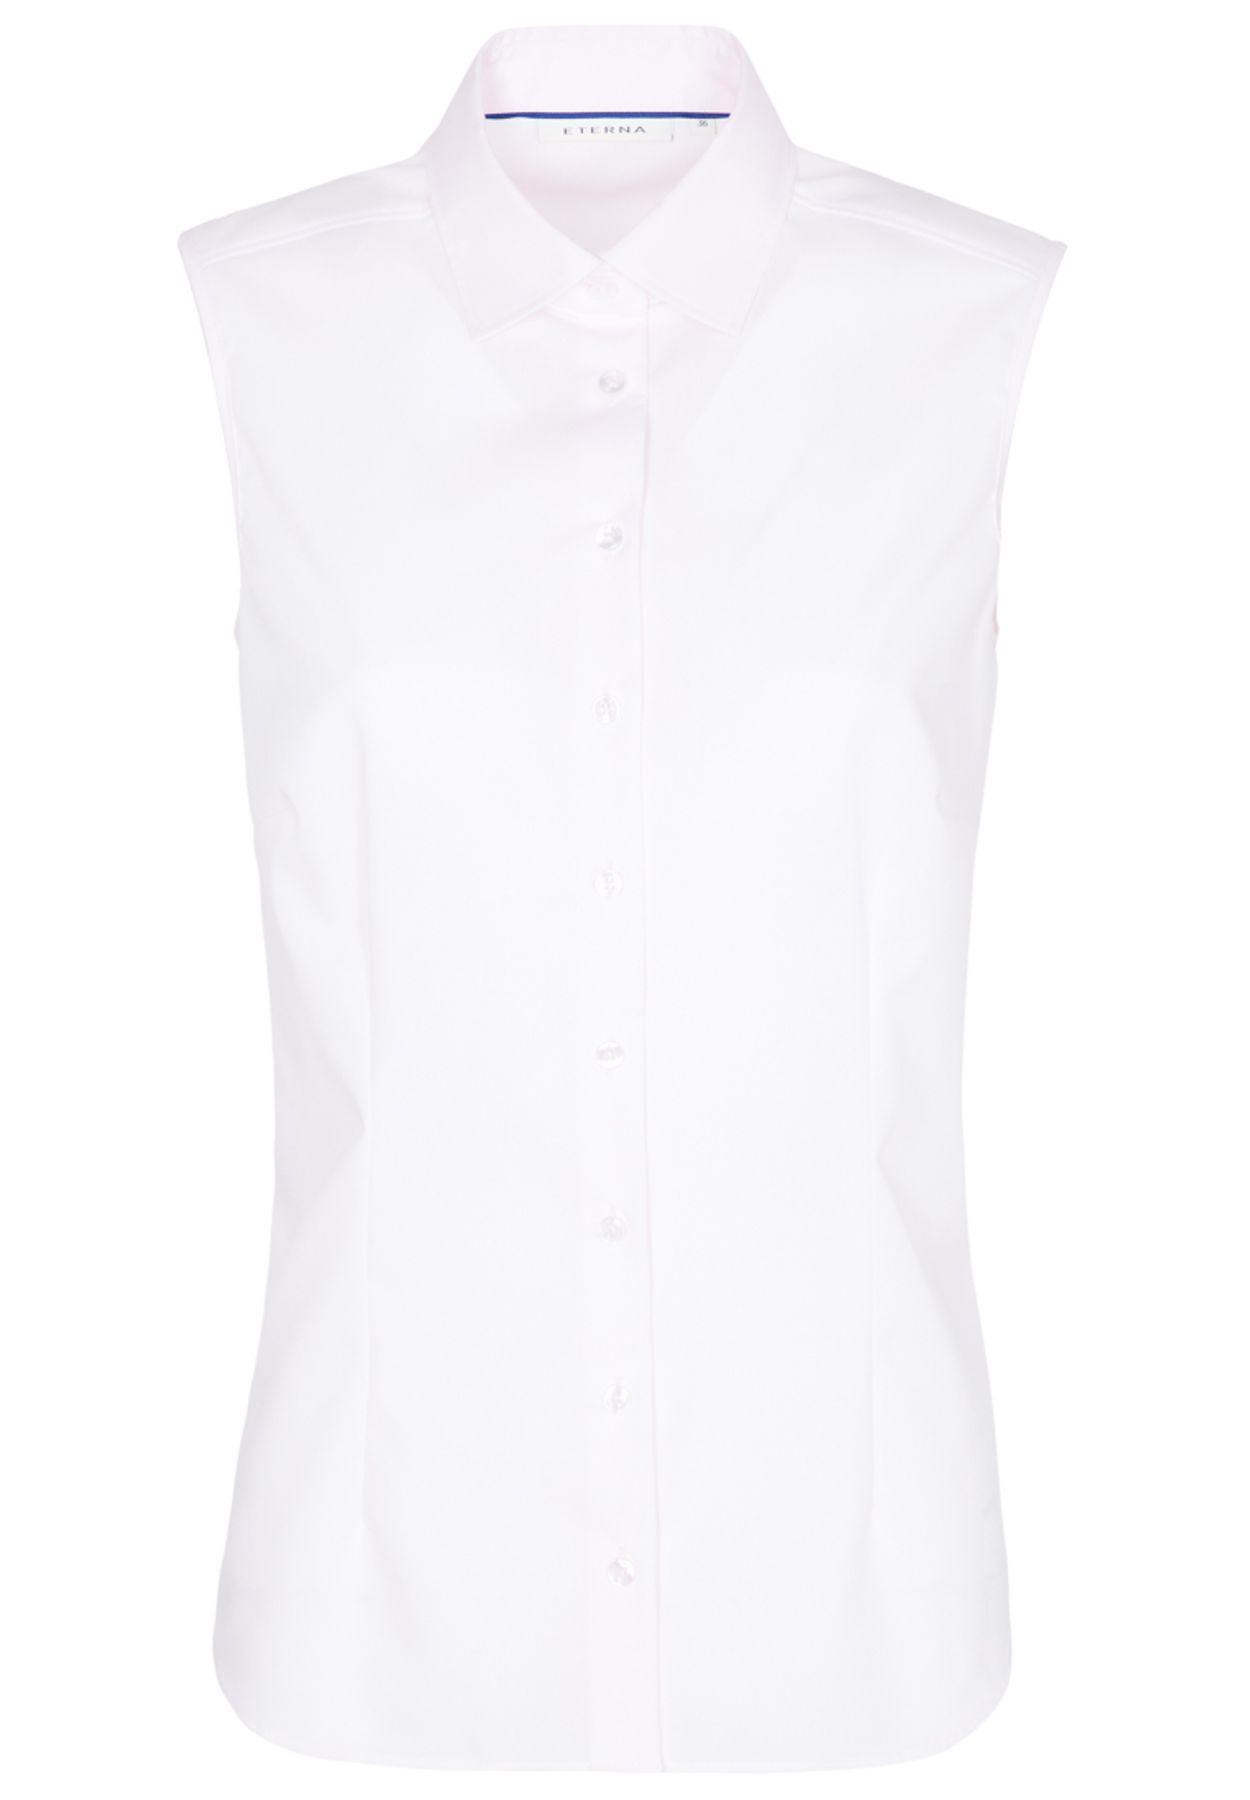 Eterna -  Comfort-Fit - Bügelfreie Damen Bluse ohne Arm in Weiß, Hellblau oder Rosa (5220 A790) – Bild 12